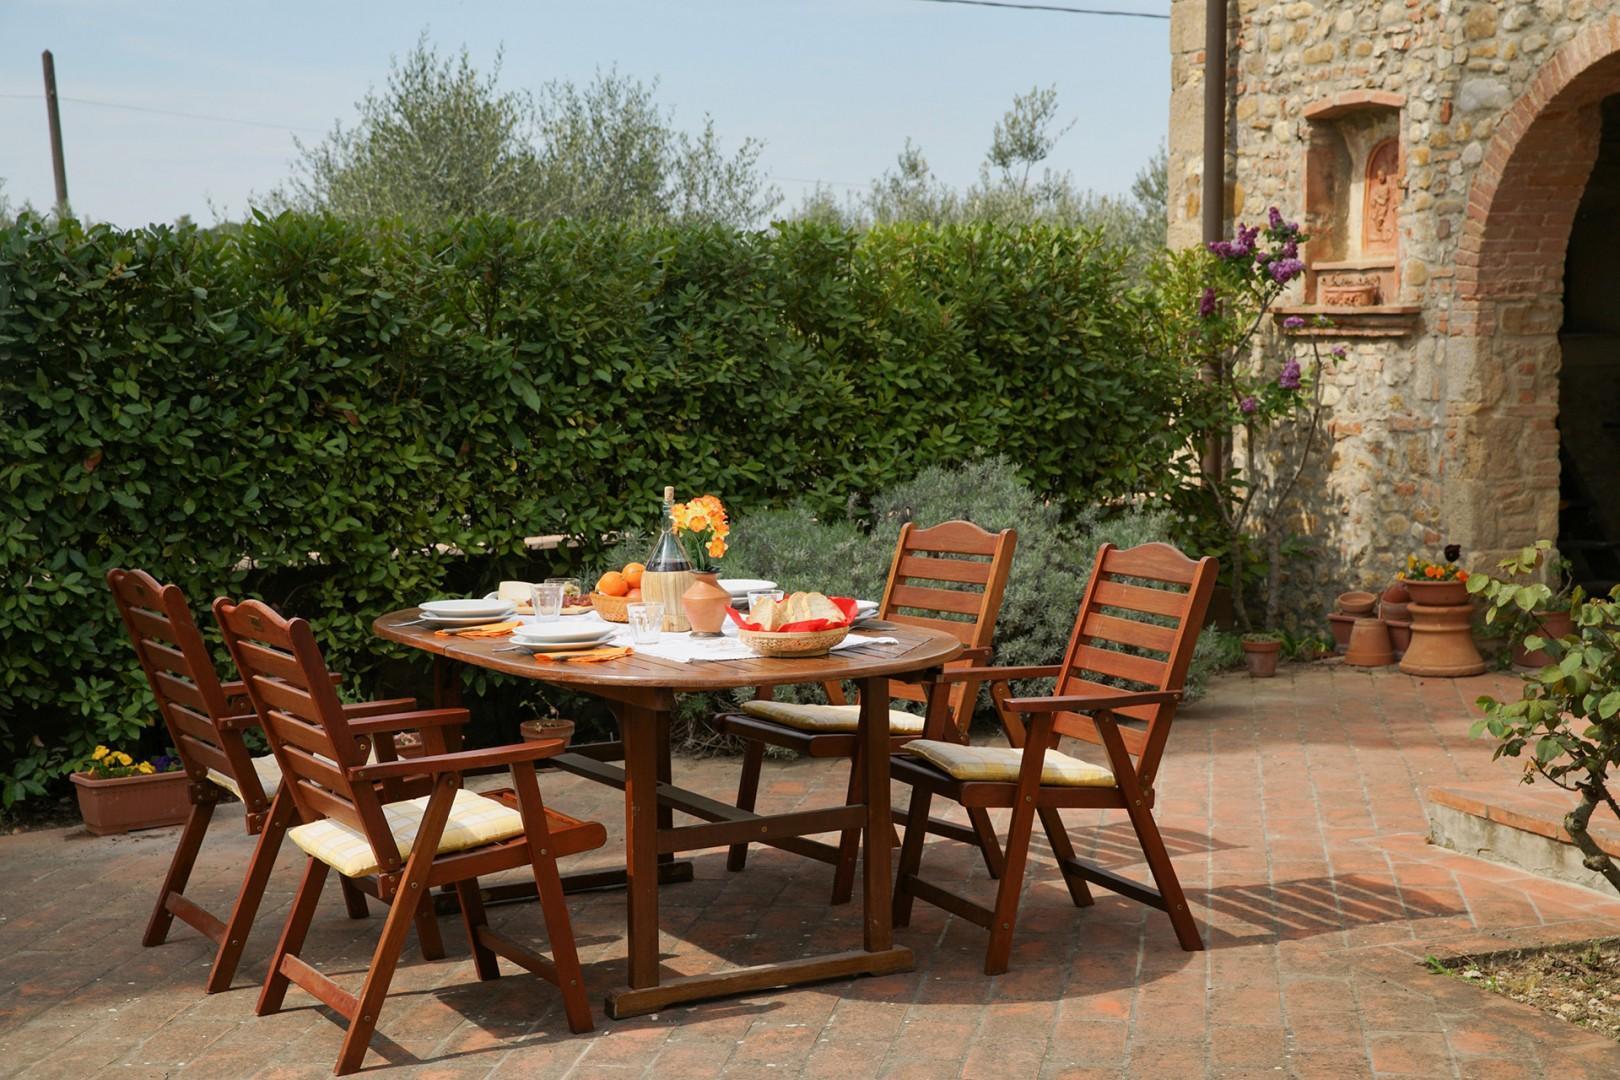 Enjoy meals al fresco on the sunny terrace at Casa San Vito.